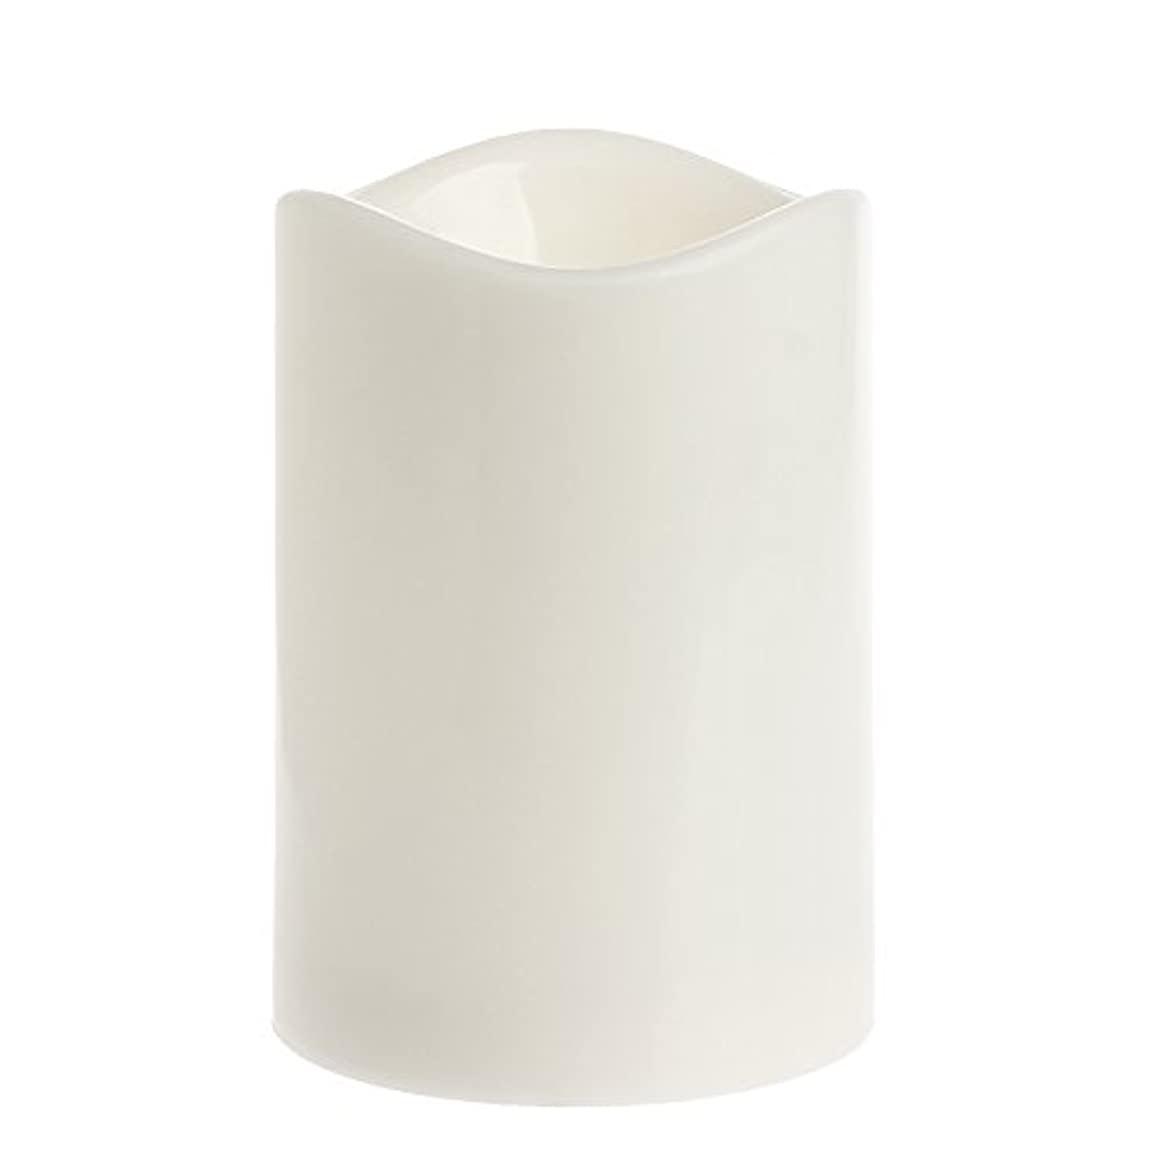 シャーロックホームズレモン保険をかけるSimpleLifeロマンチックFlameless LED電子キャンドルライトウェディング香りワックスホームインテリア